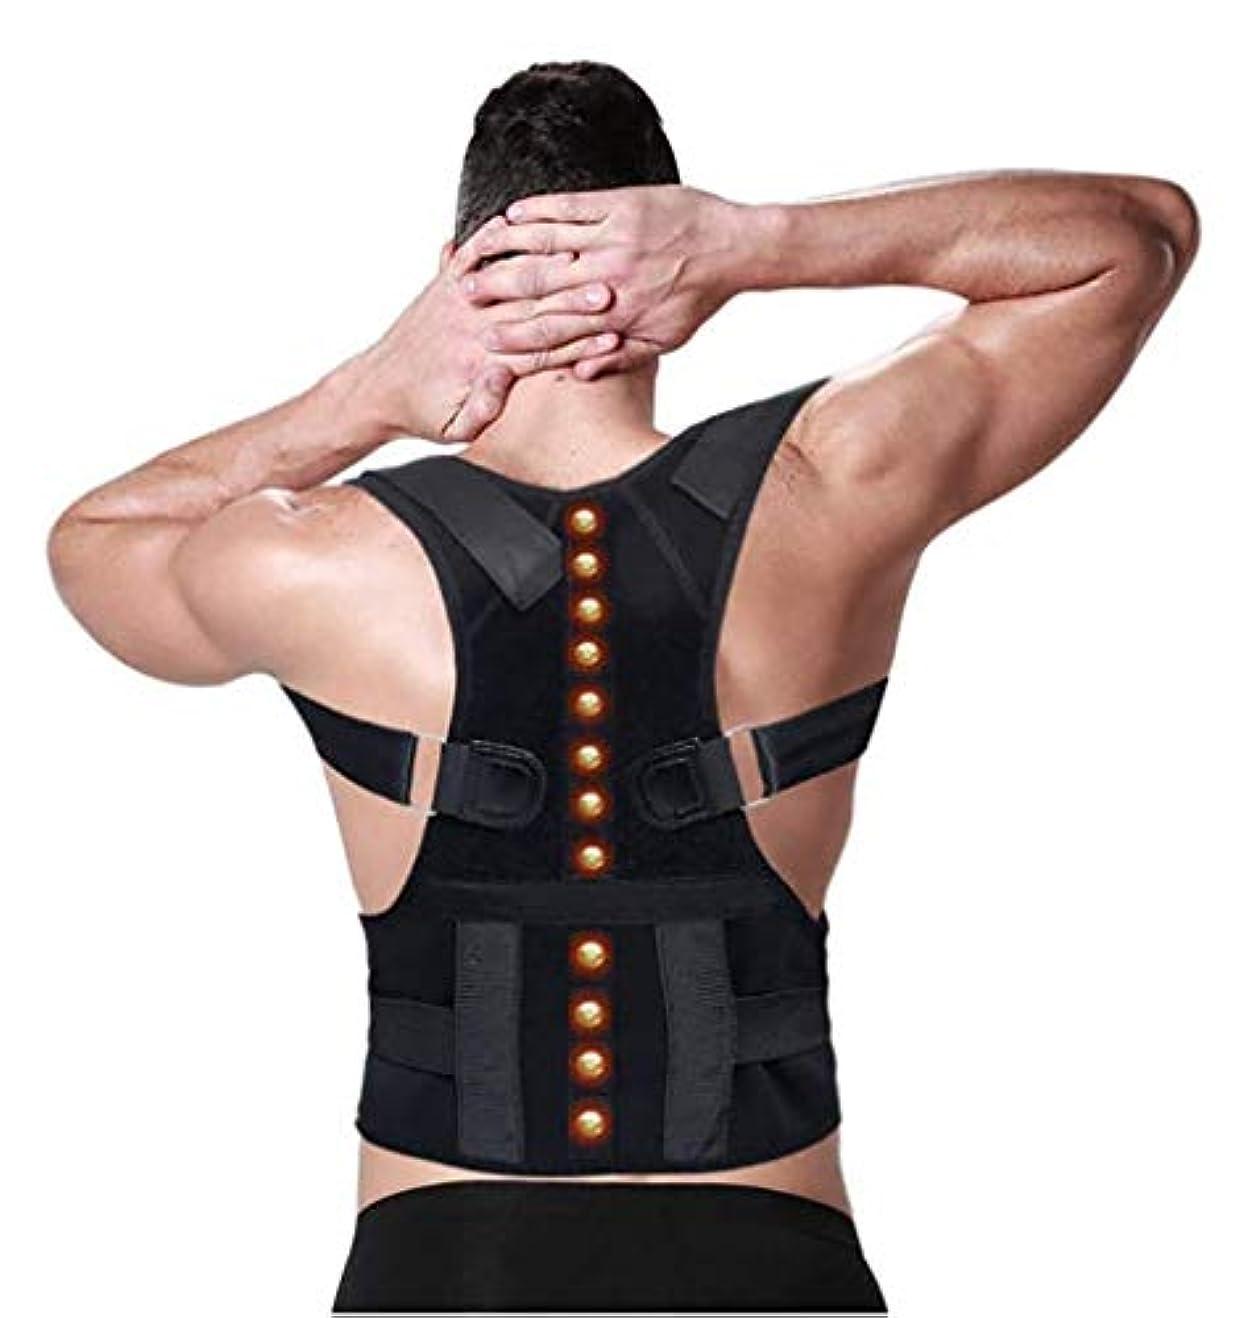 裁判所スクラップジャンク姿勢矯正ベルト、背部装具、悪い姿勢の改善、気質の改善、調整可能、腰痛緩和のためのダブルストロングスプリント、オフィス学習演習用 (Size : M)